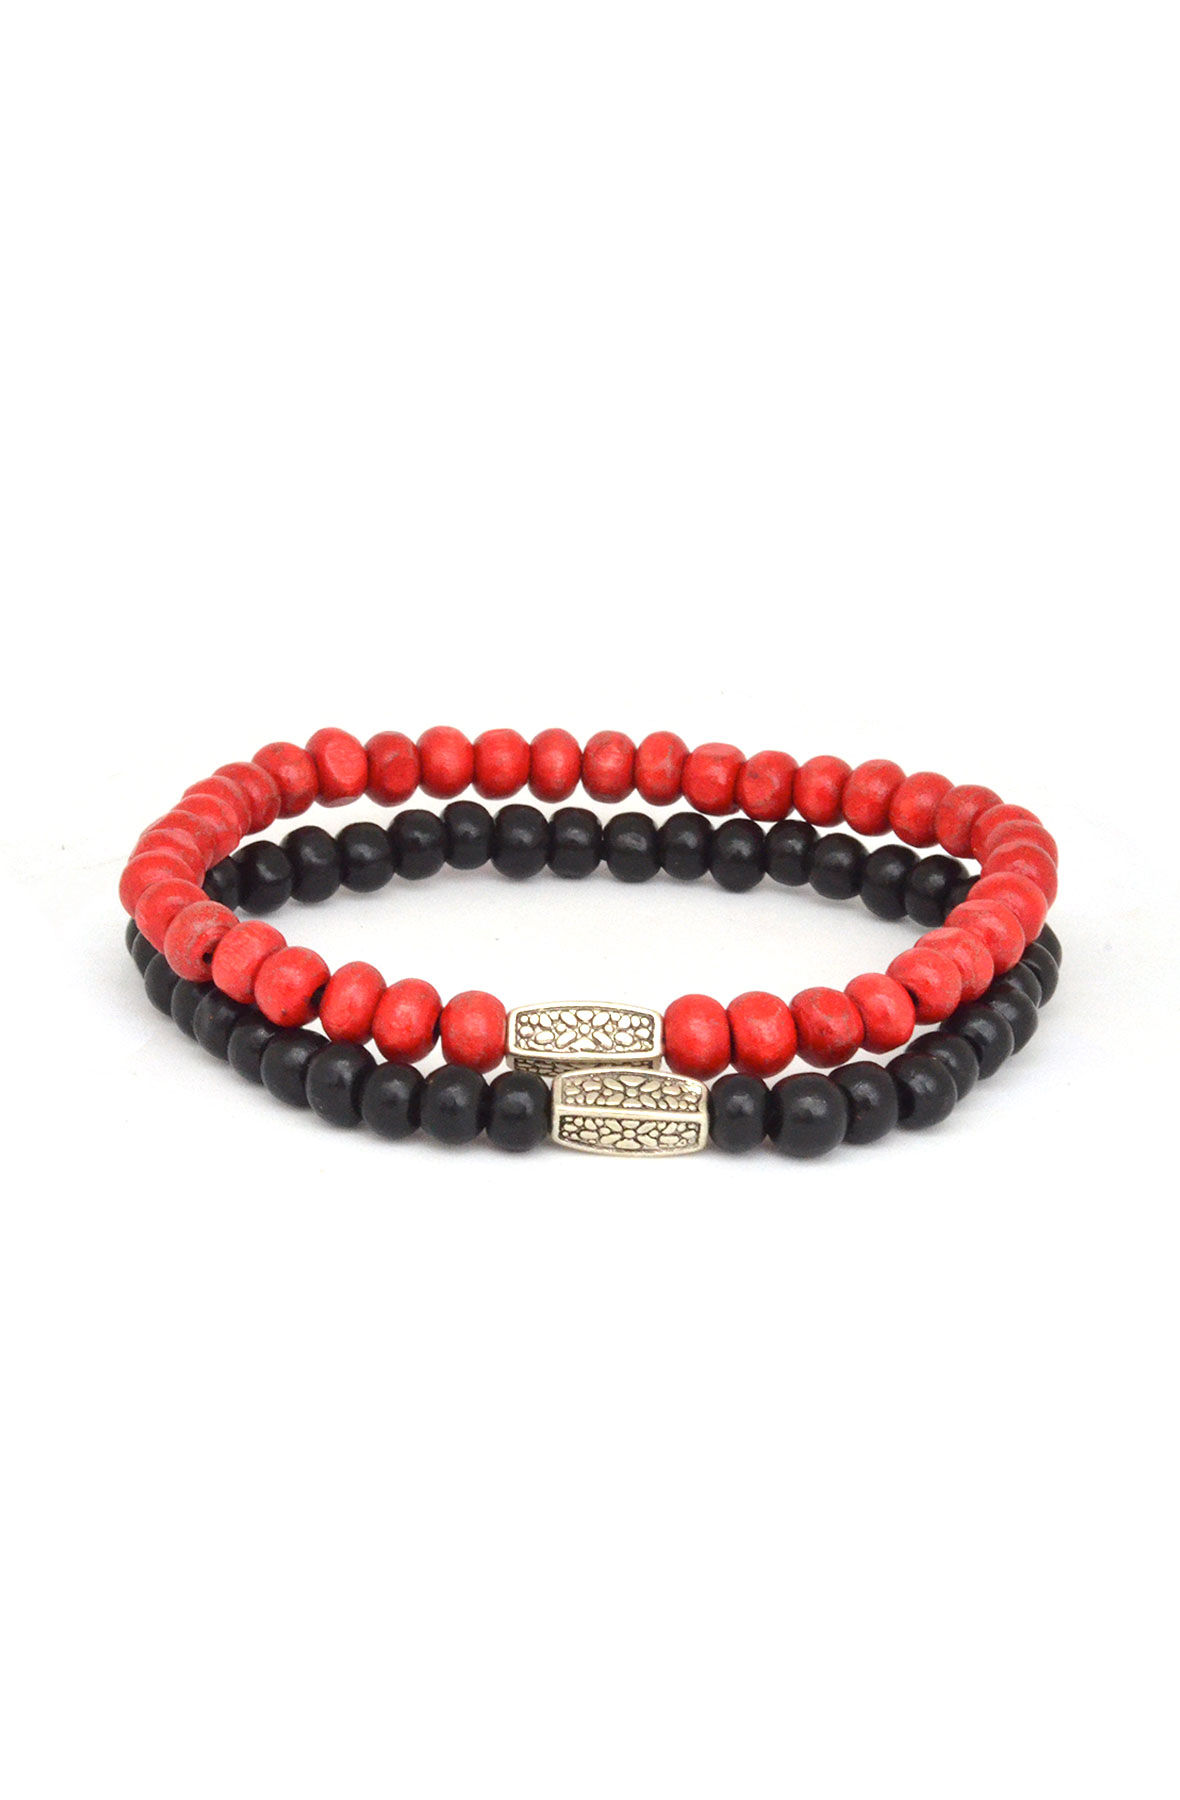 Image of 2 Pack Black and Red Mens Bracelet Set